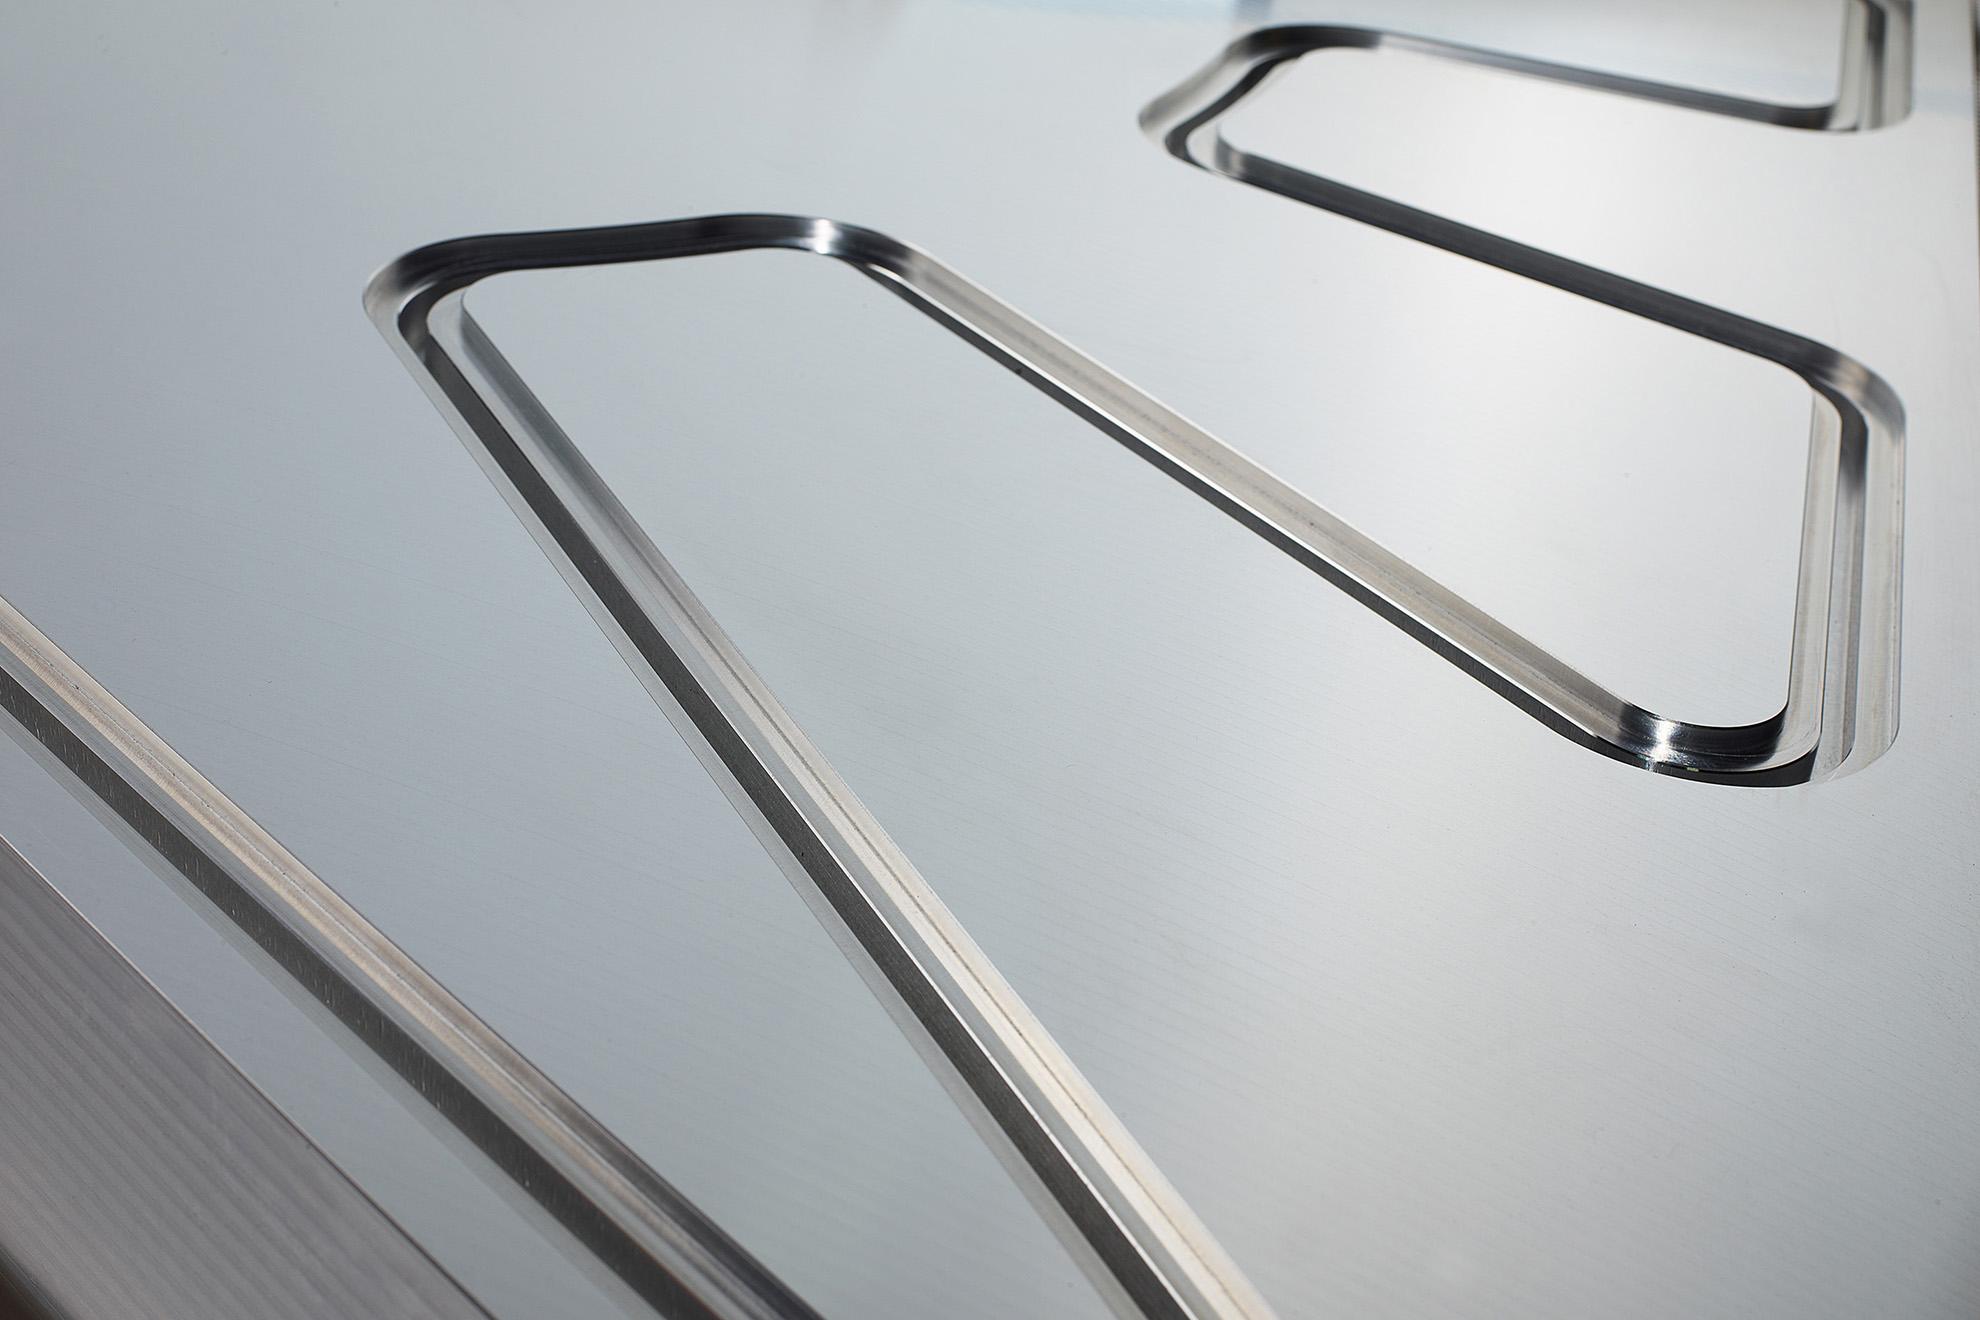 Fotodesign-matthias-schütz-formteil-gefräst-poliert